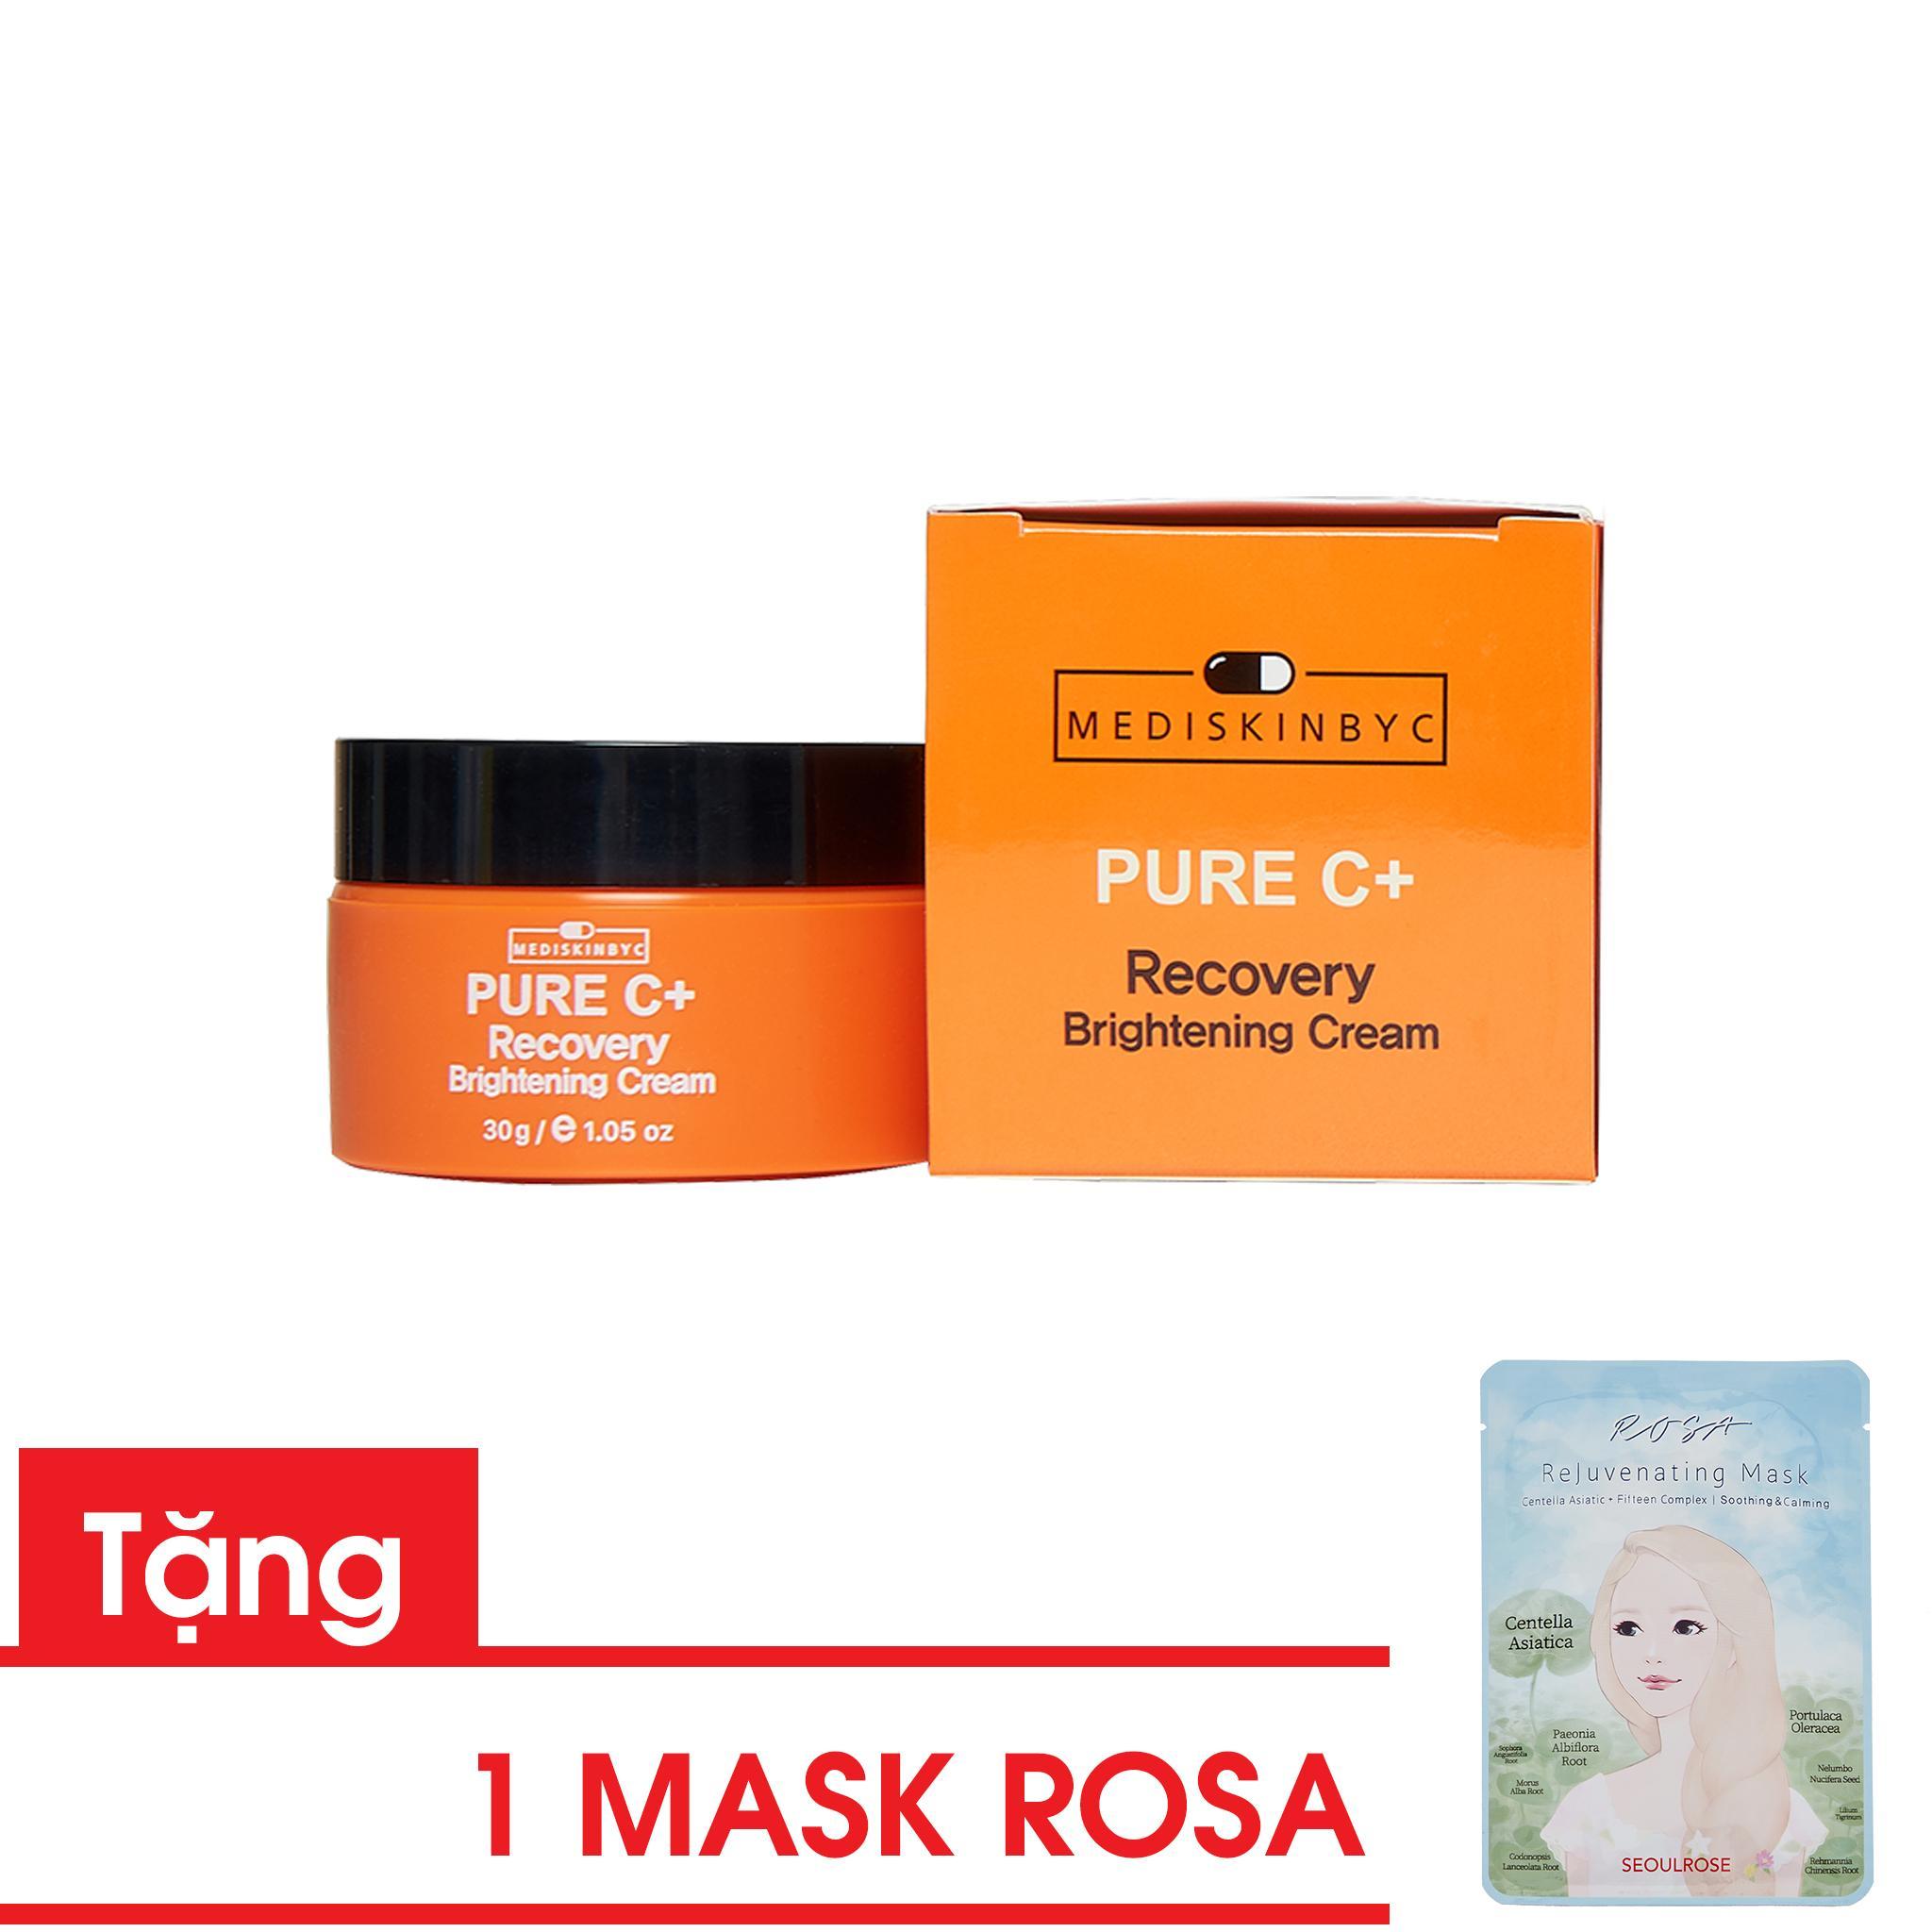 [ Mua 1 tặng 1] Combo Kem Dưỡng Trắng Mediskinbyc Pure C+ Recovery Brightening Cream và Mask Rosa